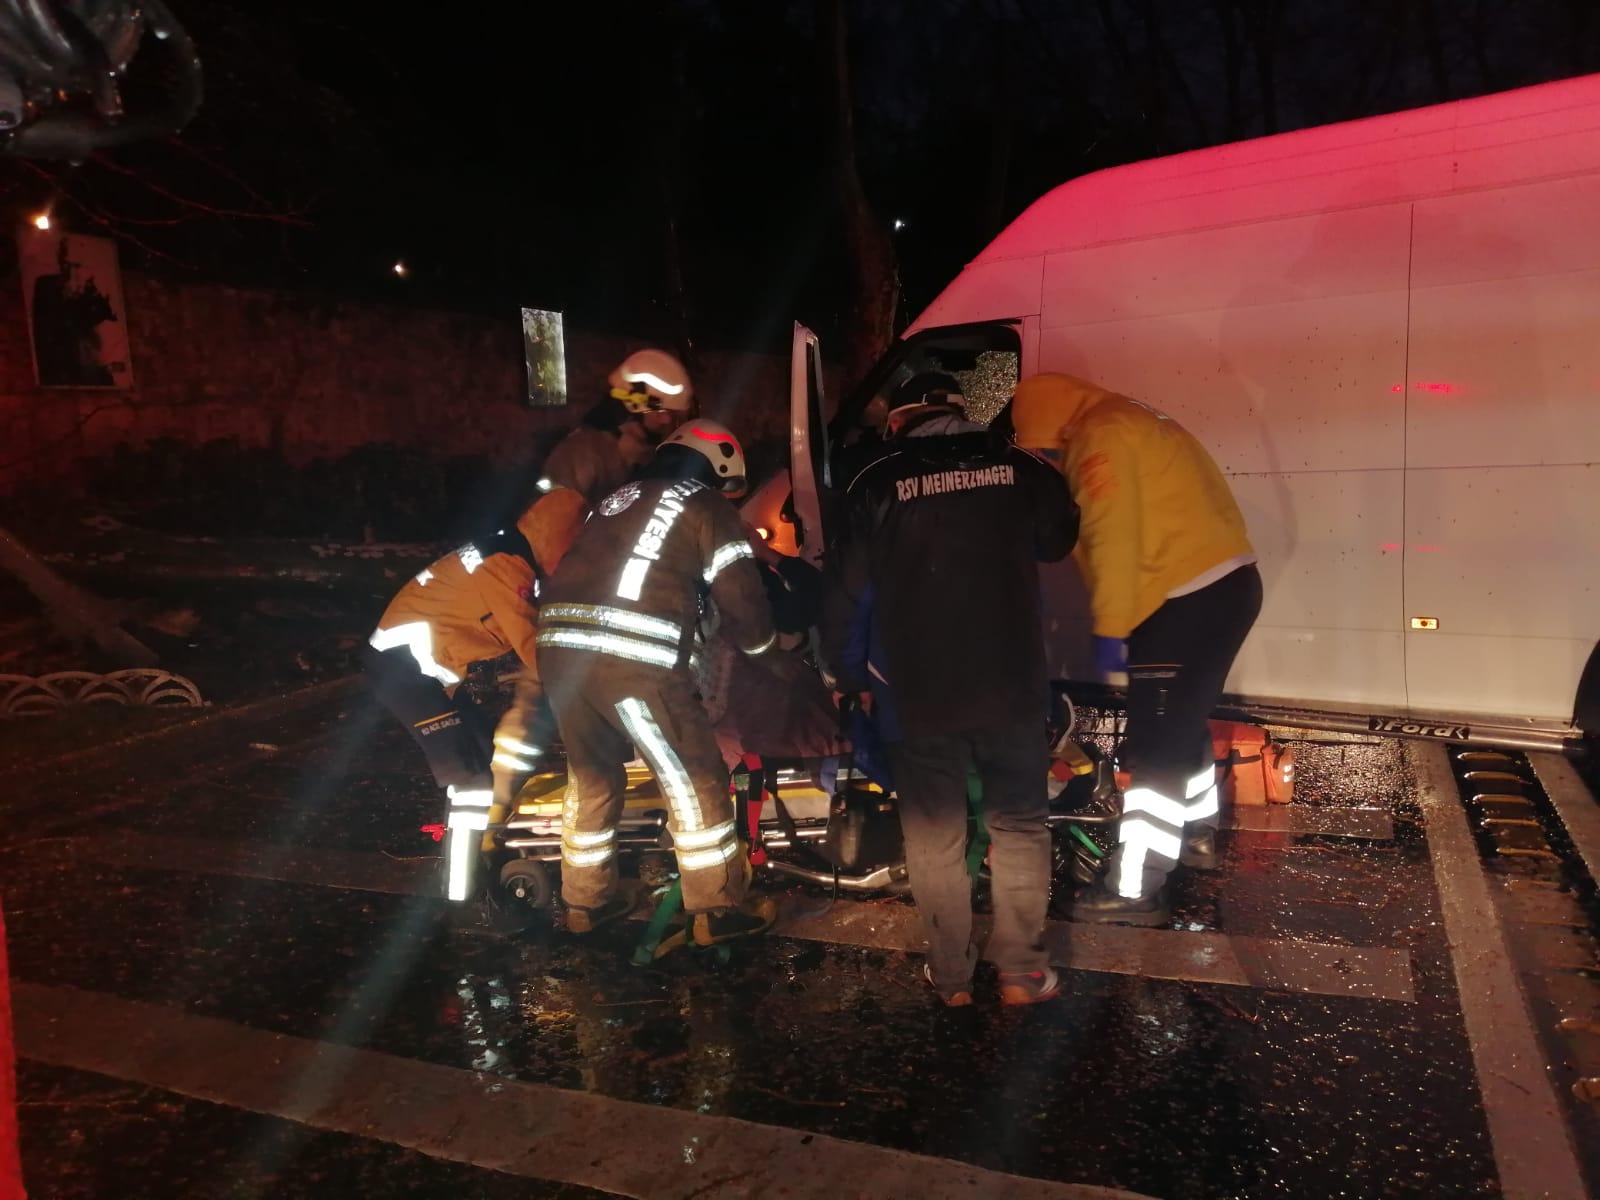 Beşiktaş'ta panelvan minibüsün çarptığı ağaç devrildi: 1 yaralı